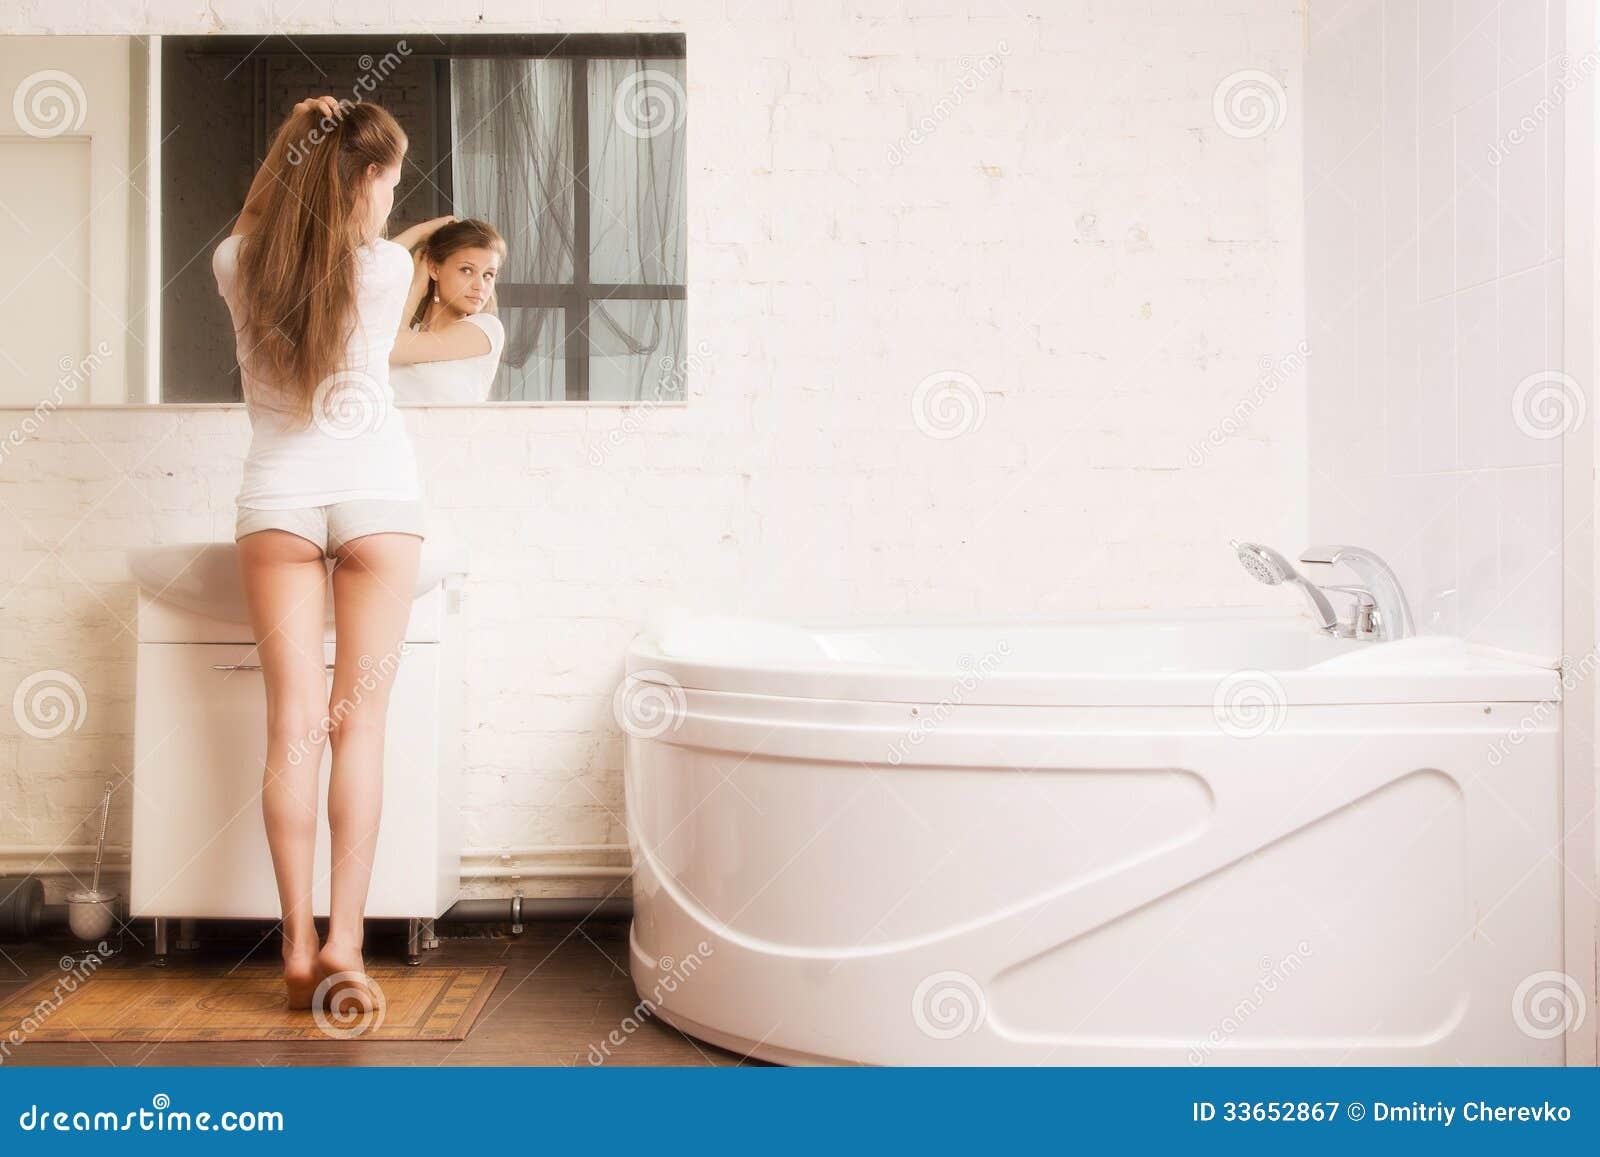 Сексуально писает в ванной, Писает В Ванной (найдено 59 порно видео роликов) 1 фотография